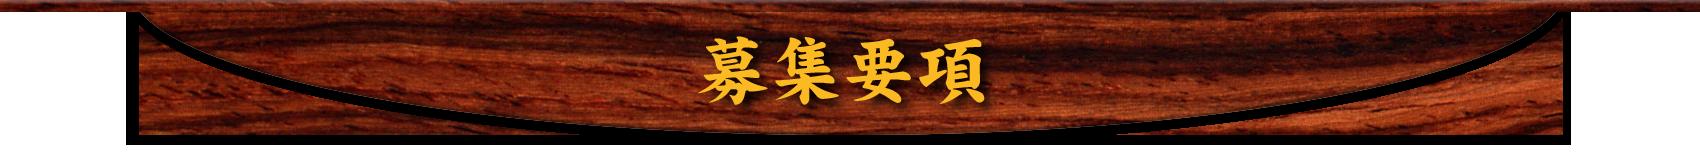 海鮮・魚料理専門店「魚小屋よしき」の募集要項